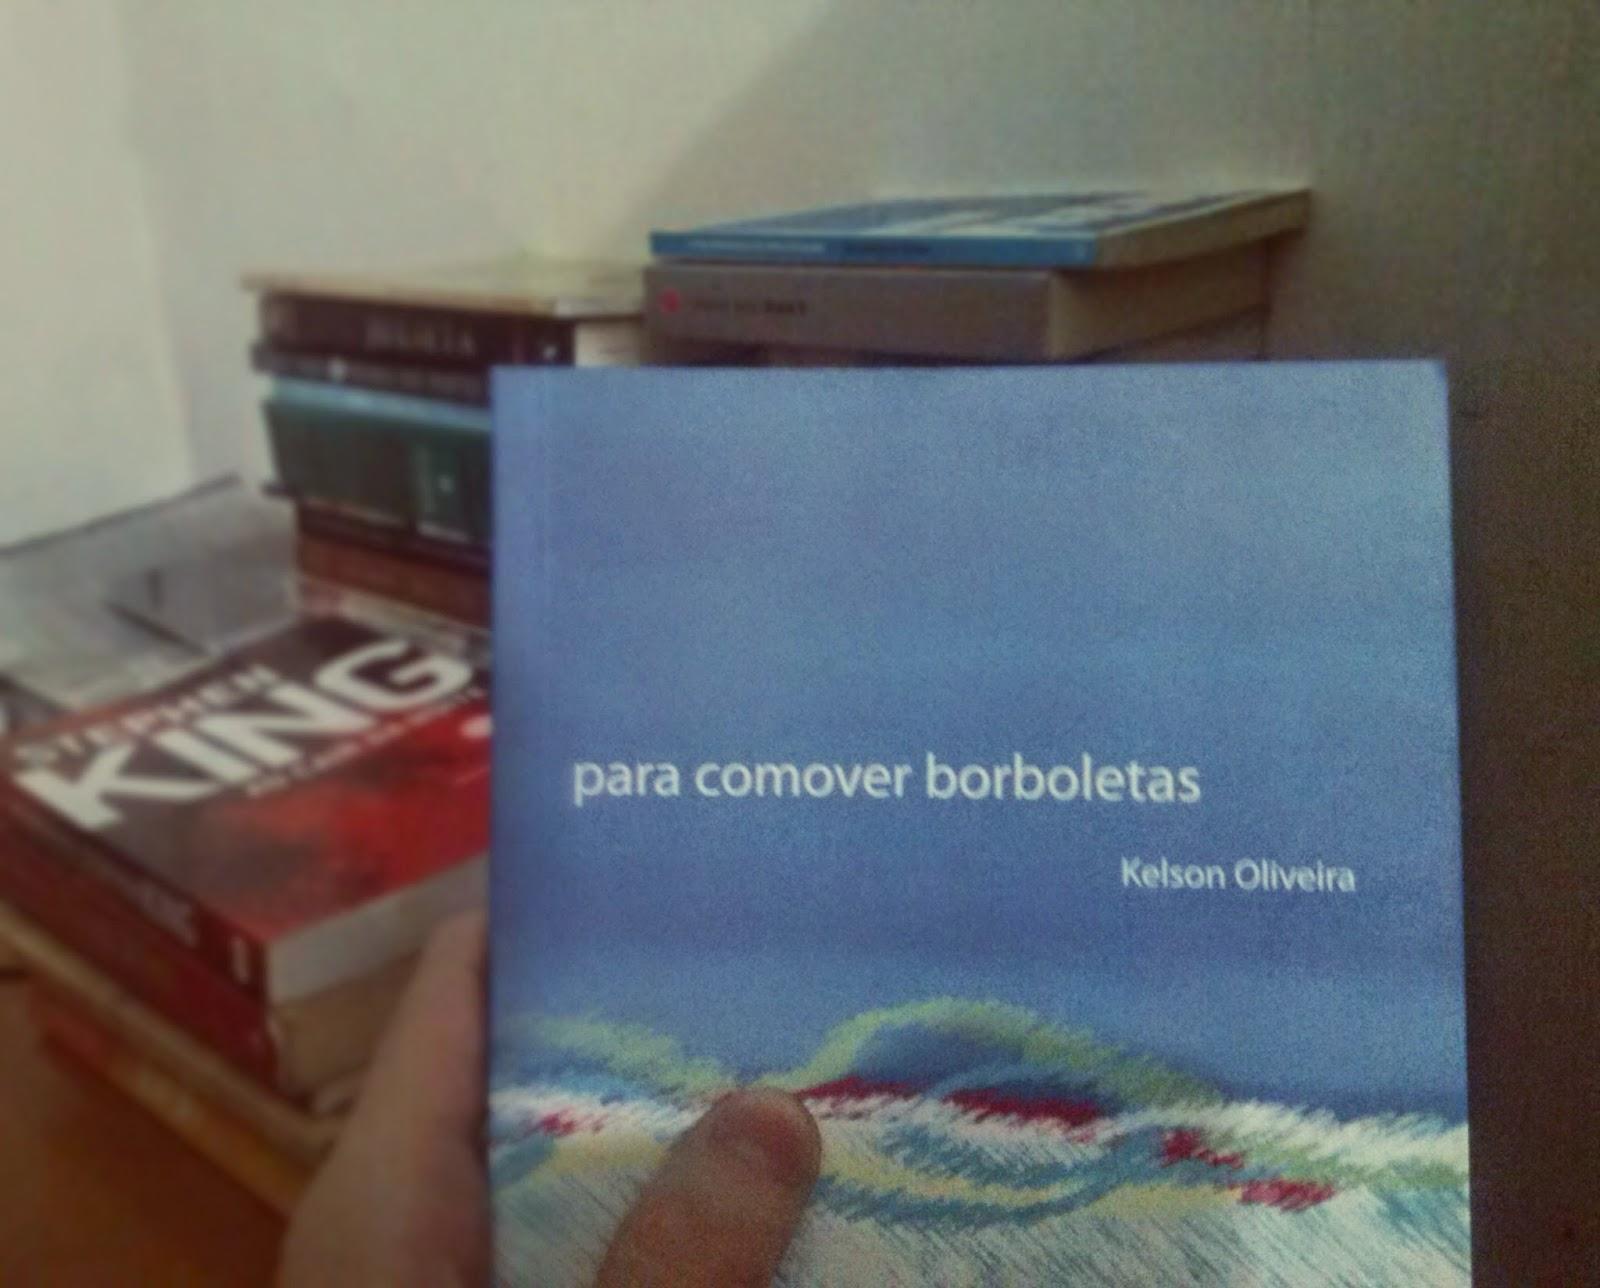 Para comover borboletas, Kelson Oliveira